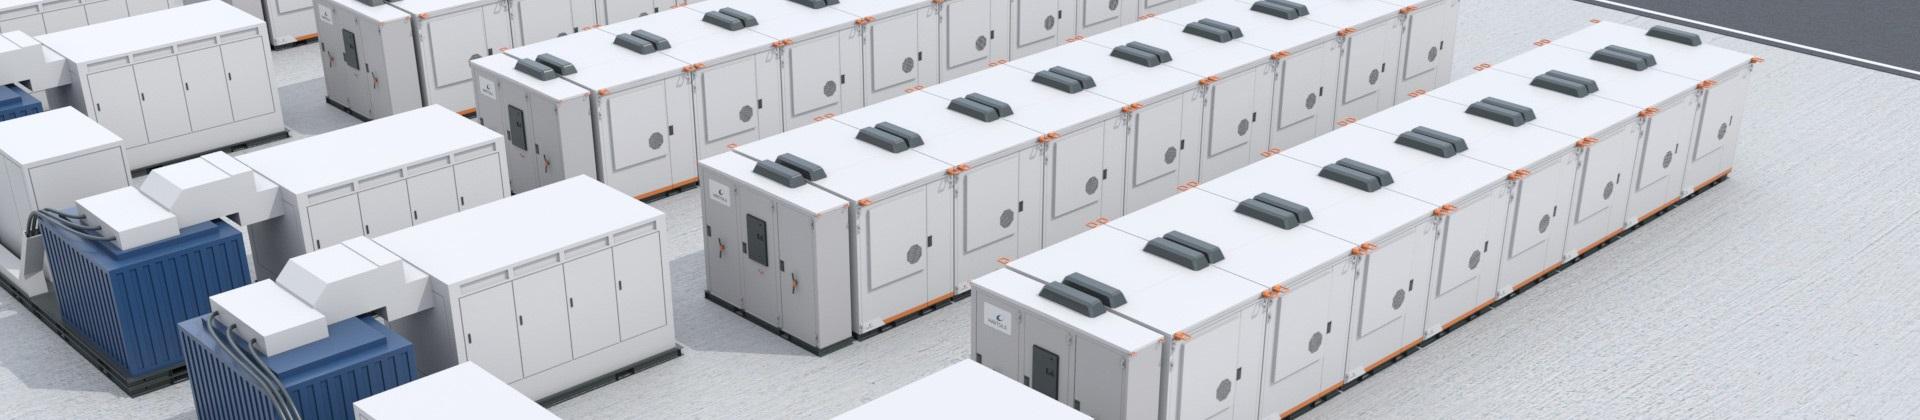 Wärtsilä Energy Storage